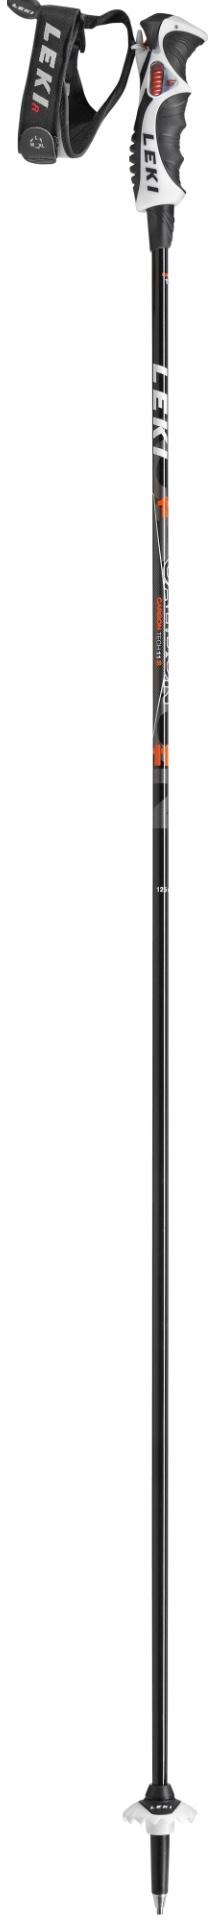 Carbon 11 S (130 cm)